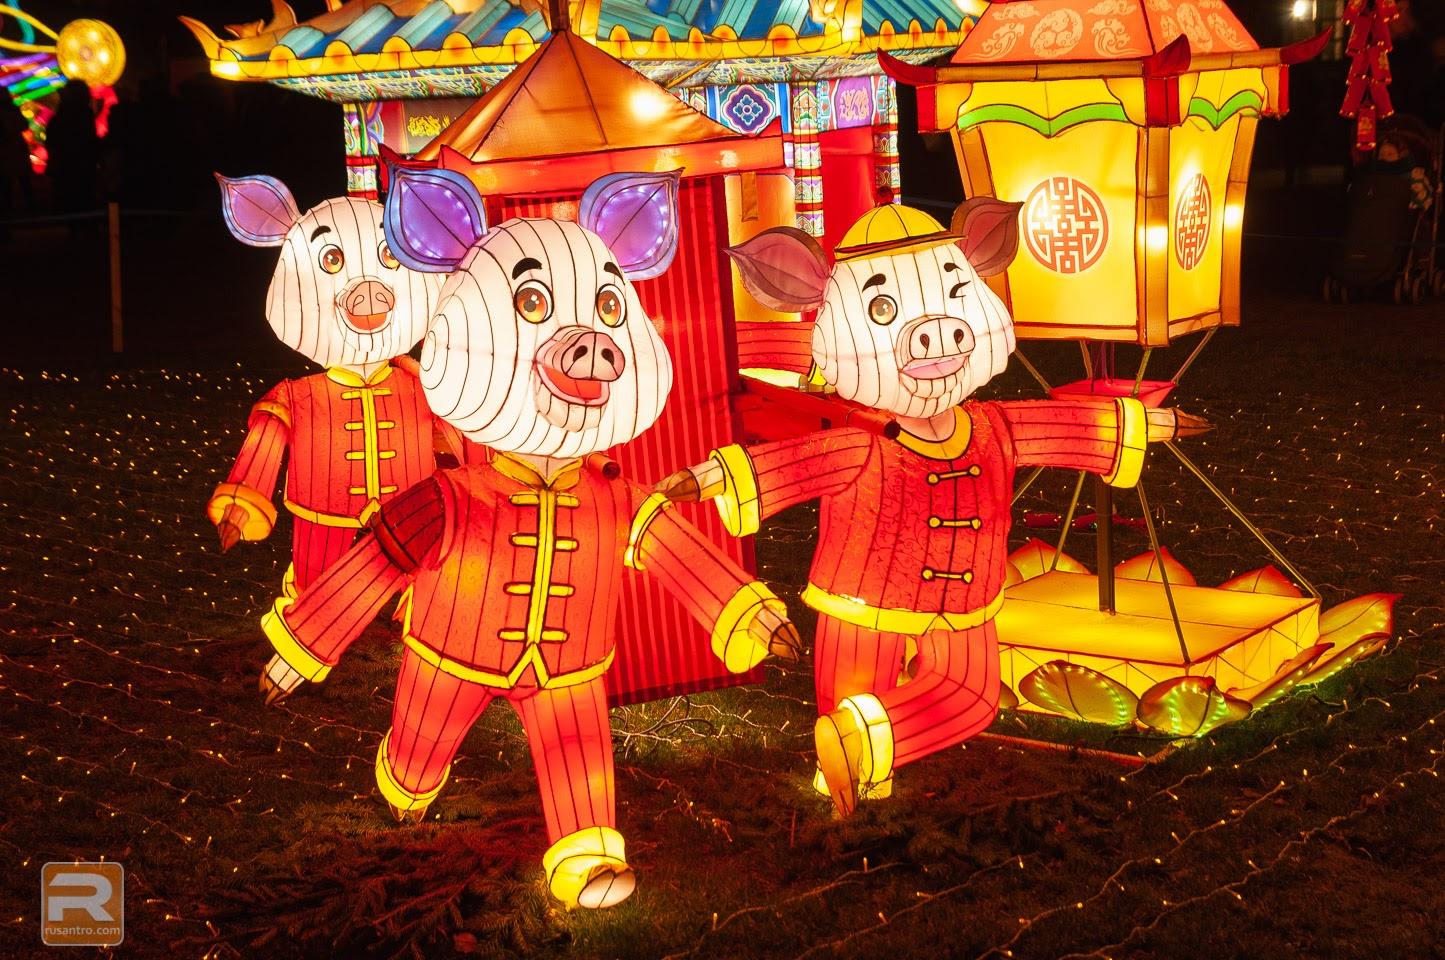 Lielās Ķīnas laternas: Visuma zīmes - 50